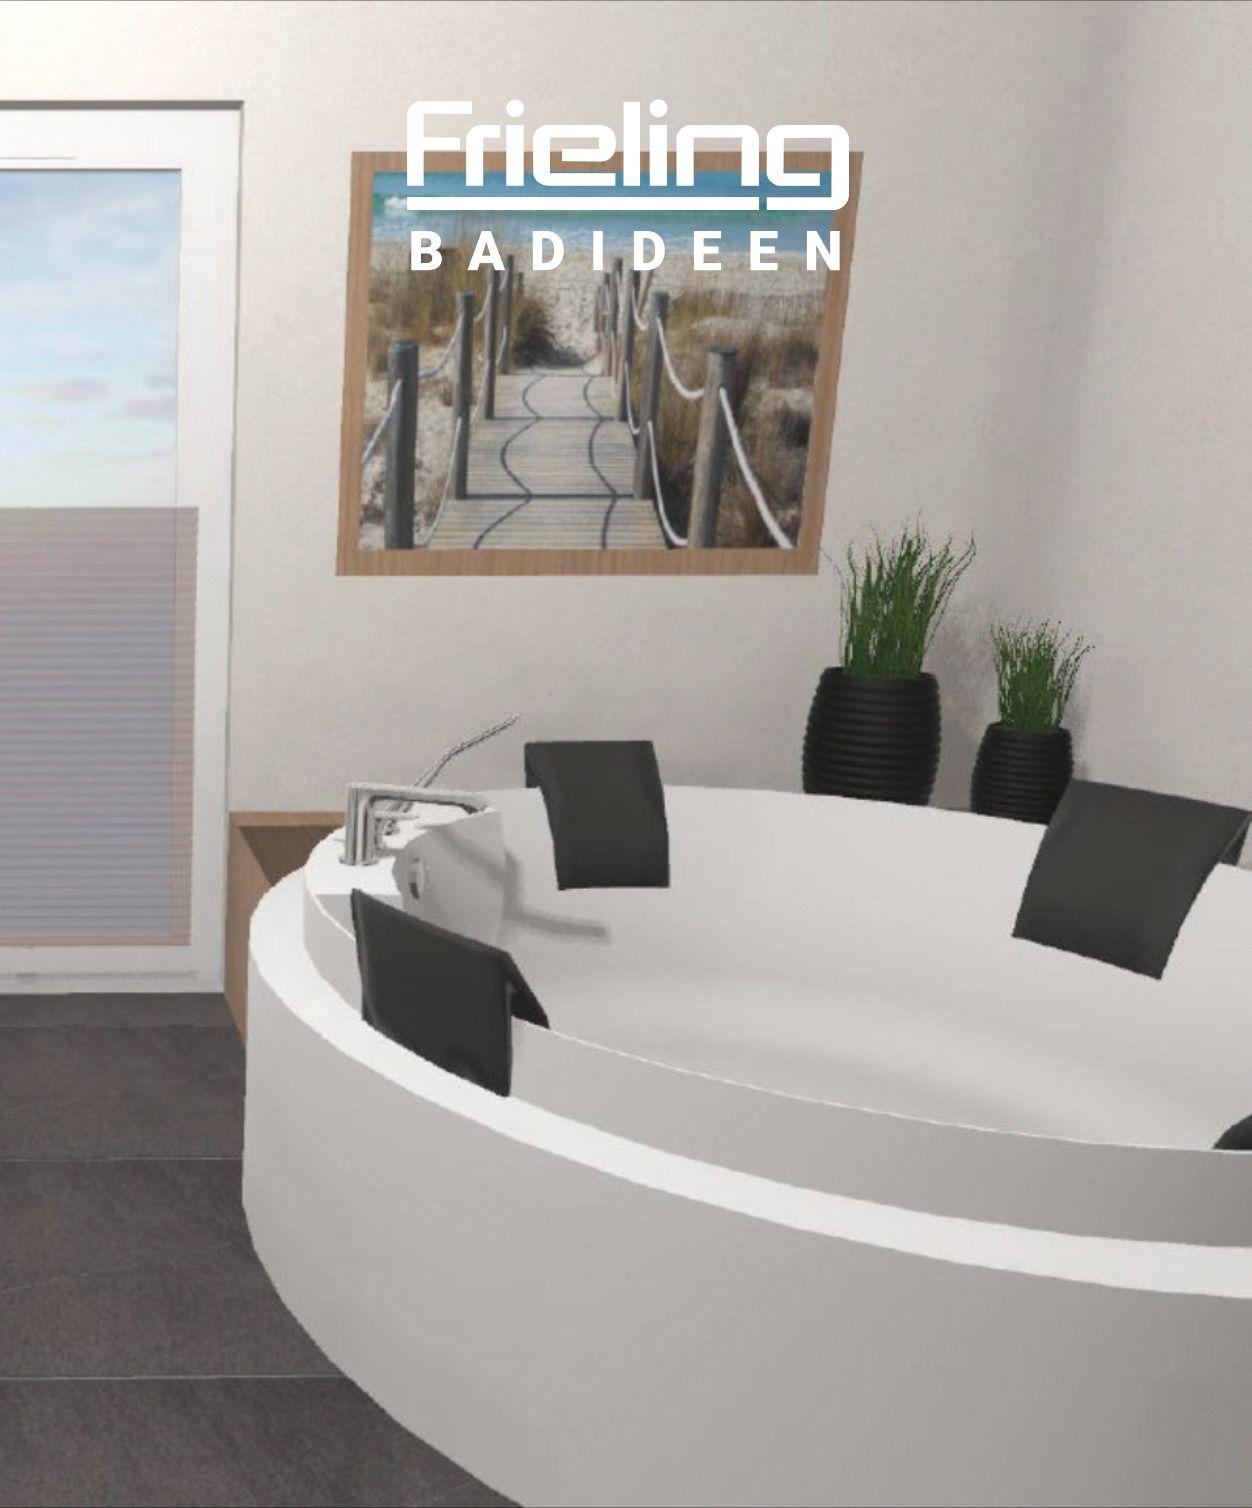 Das Erholungsbad Mit Whirlwanne Grundriss Freunde Einladen 17 Qm In 2020 Badezimmerideen Badezimmer Badezimmer Renovieren